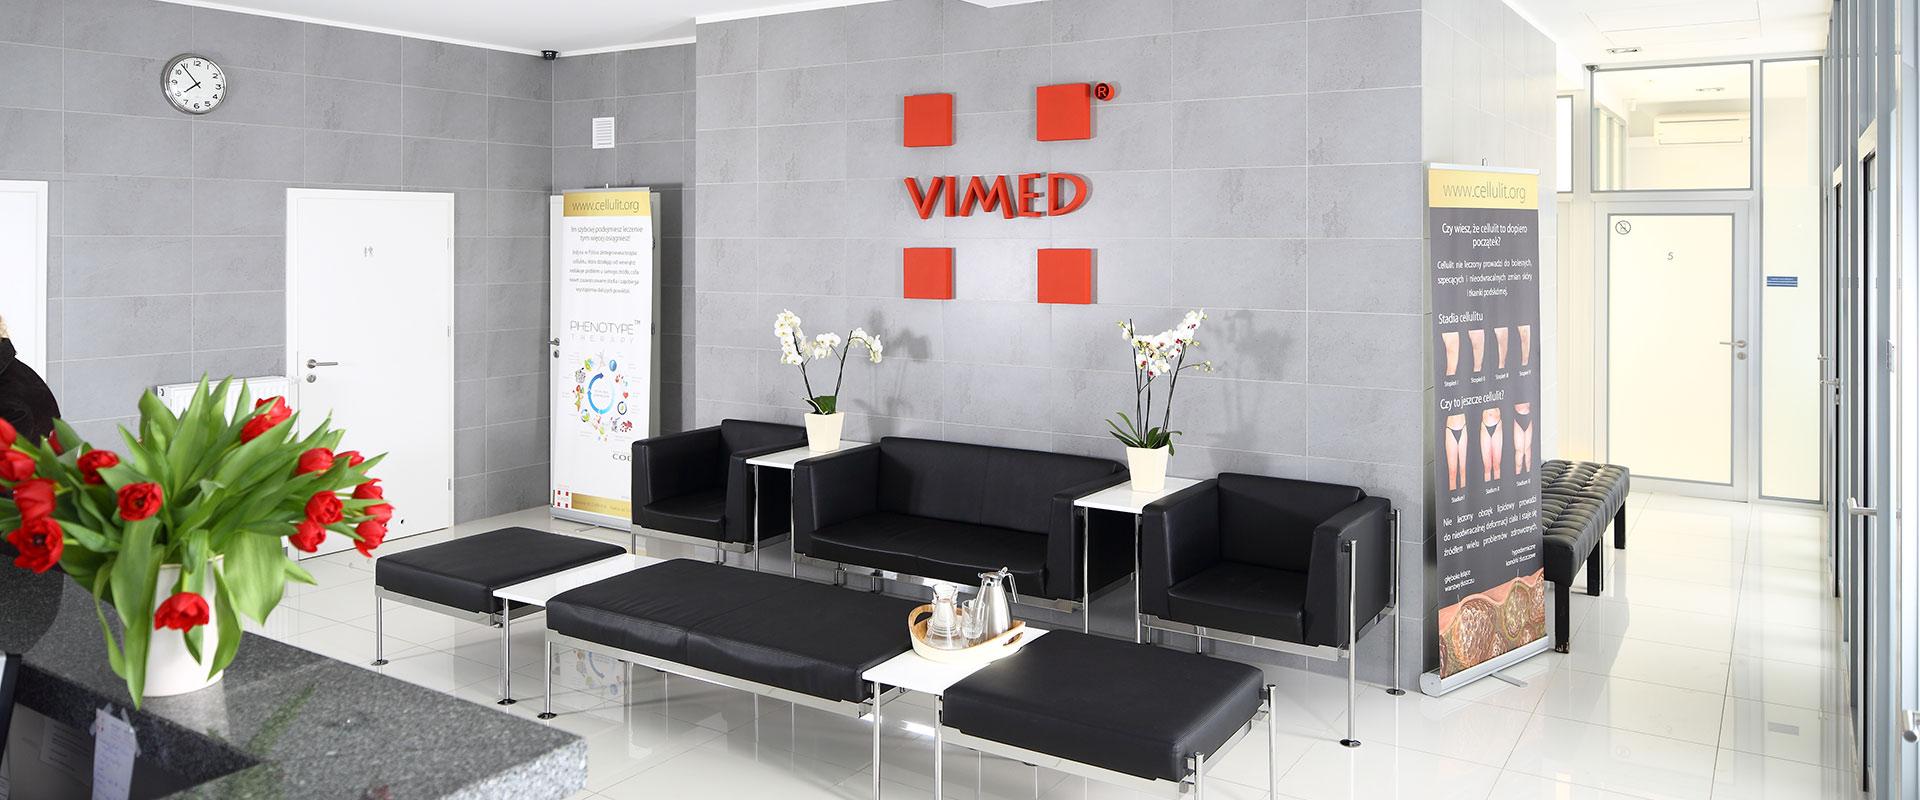 Centrum Medyczne VIMED Warszawa